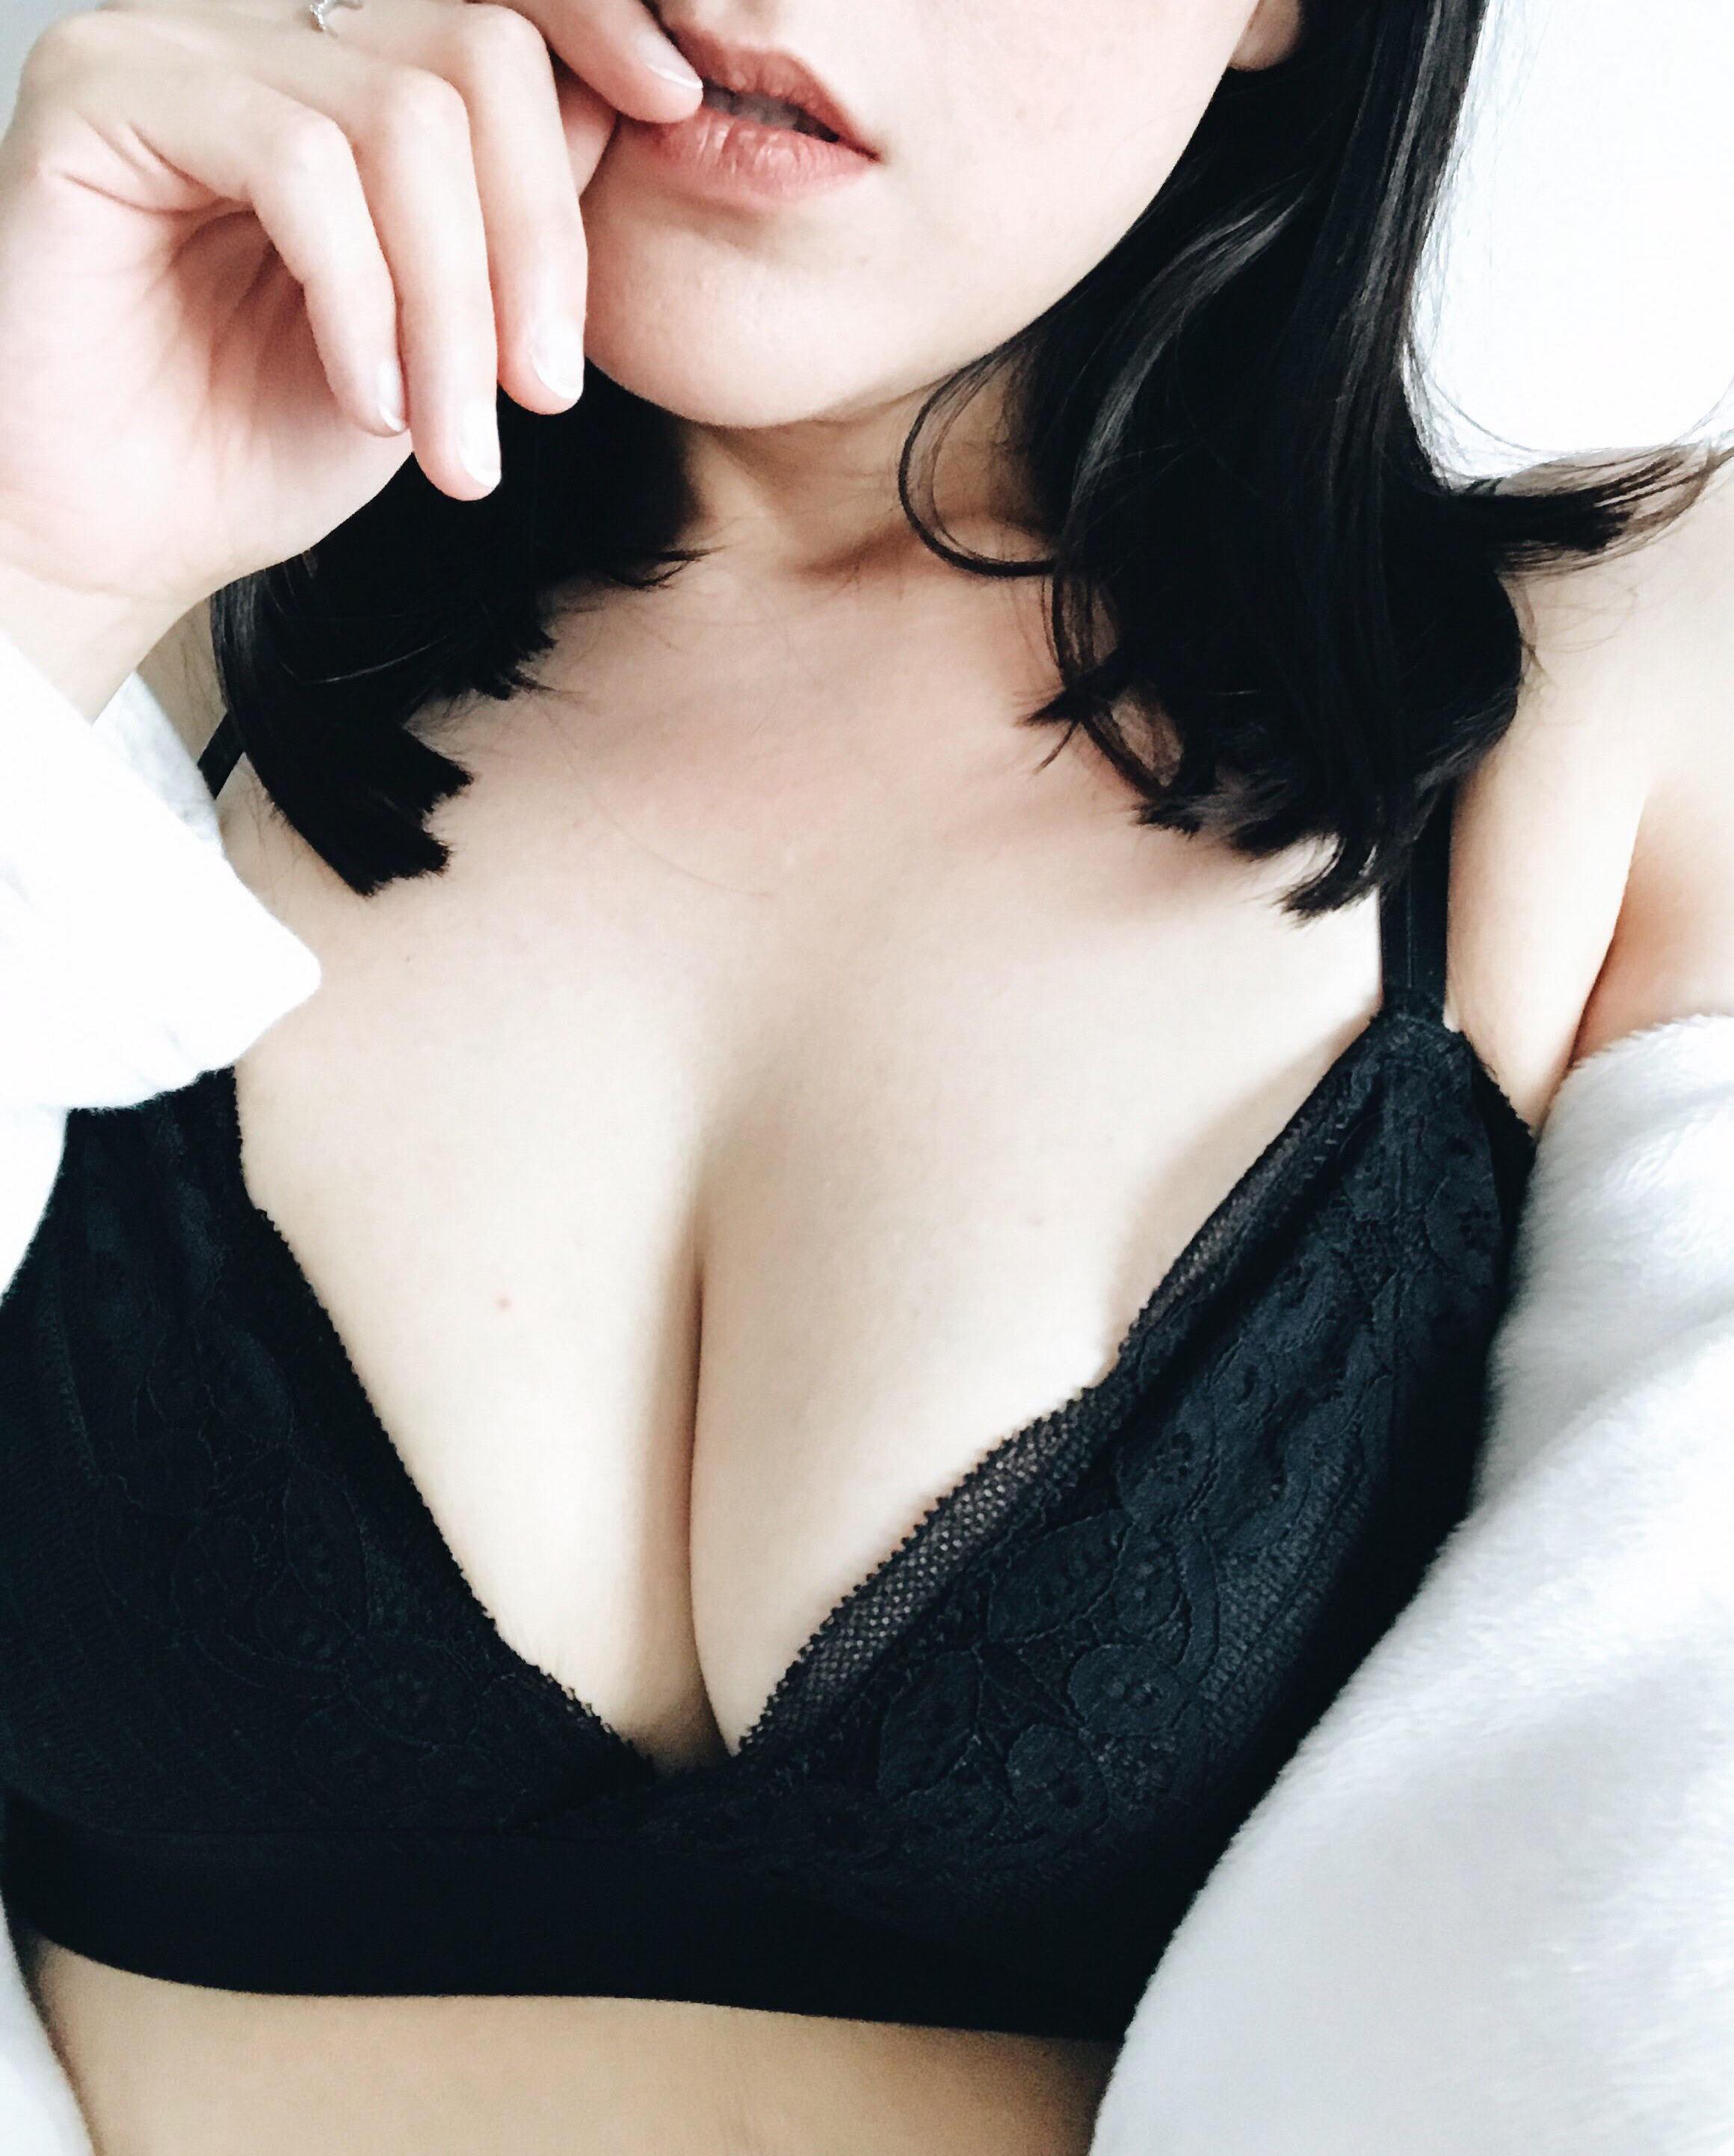 Big tits bikini video